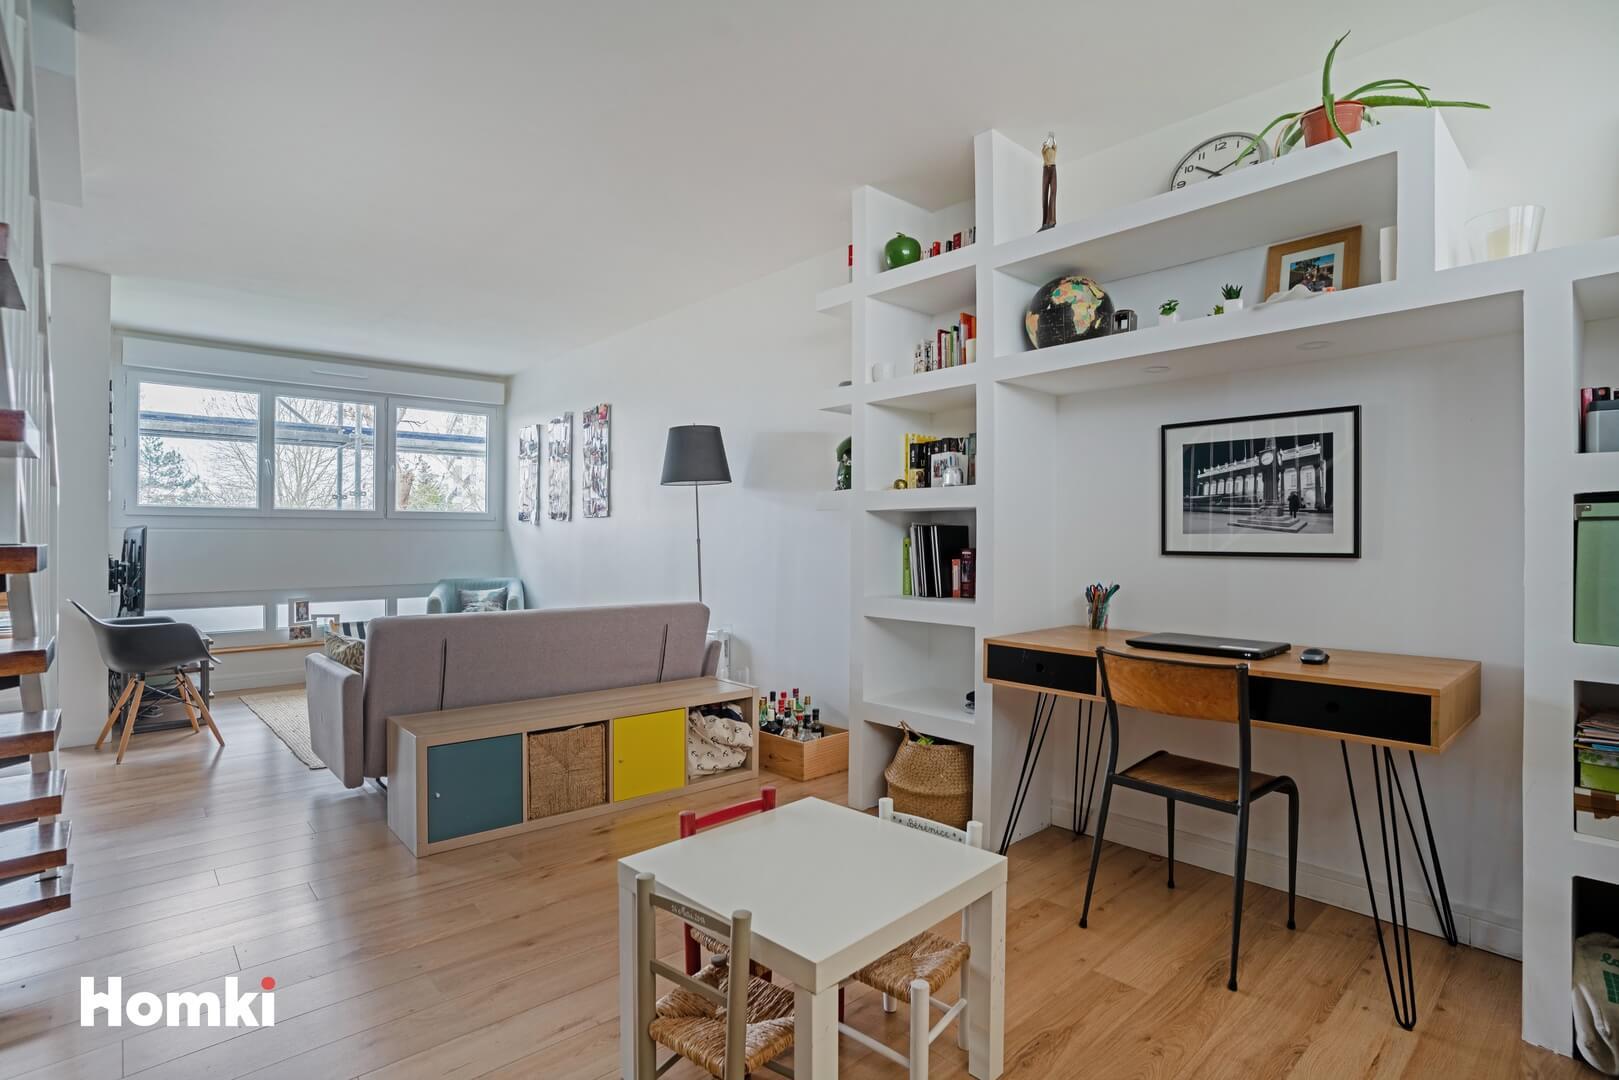 Homki - Vente Appartement  de 84.0 m² à Le Bouscat 33110